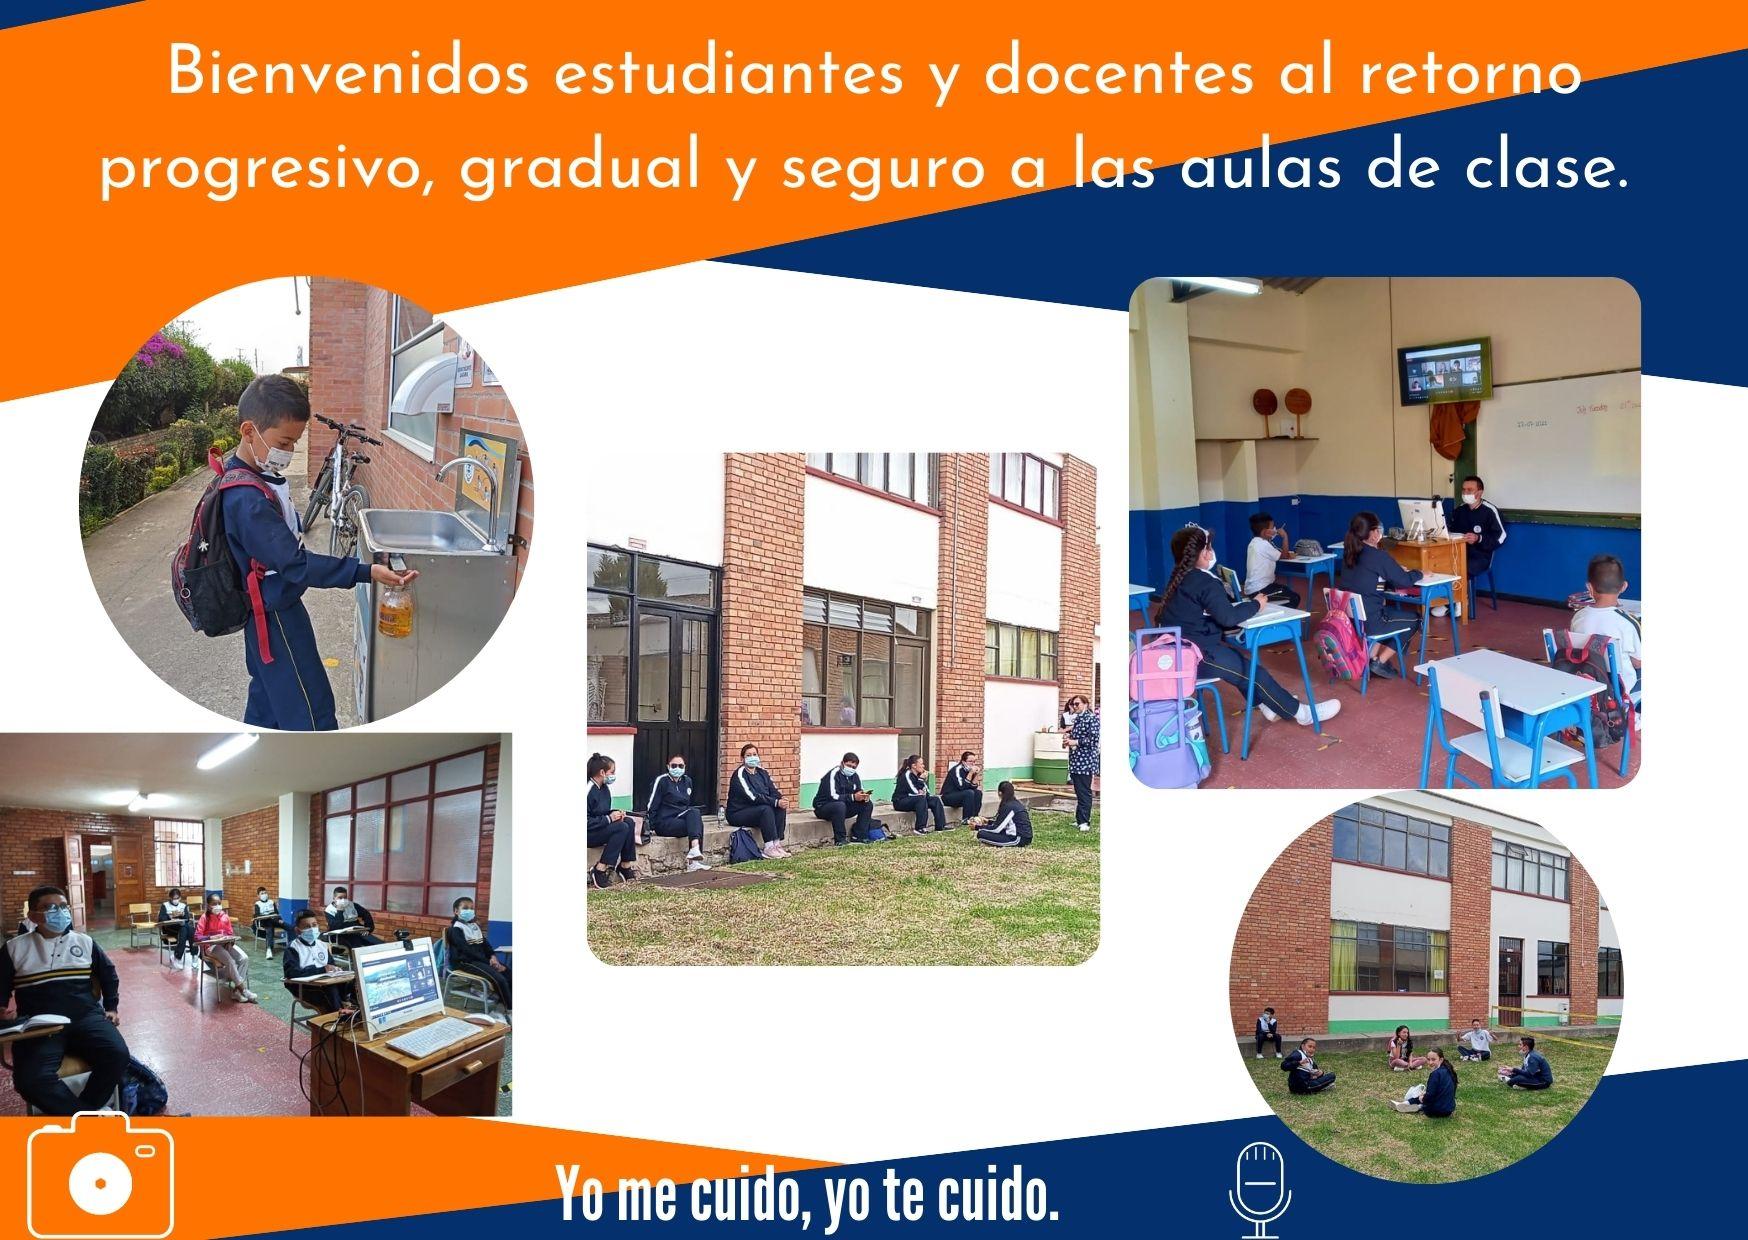 Bienvenidos estudiantes y docentes al retorno progresivo, gradual y seguro a las aulas de clase (2)